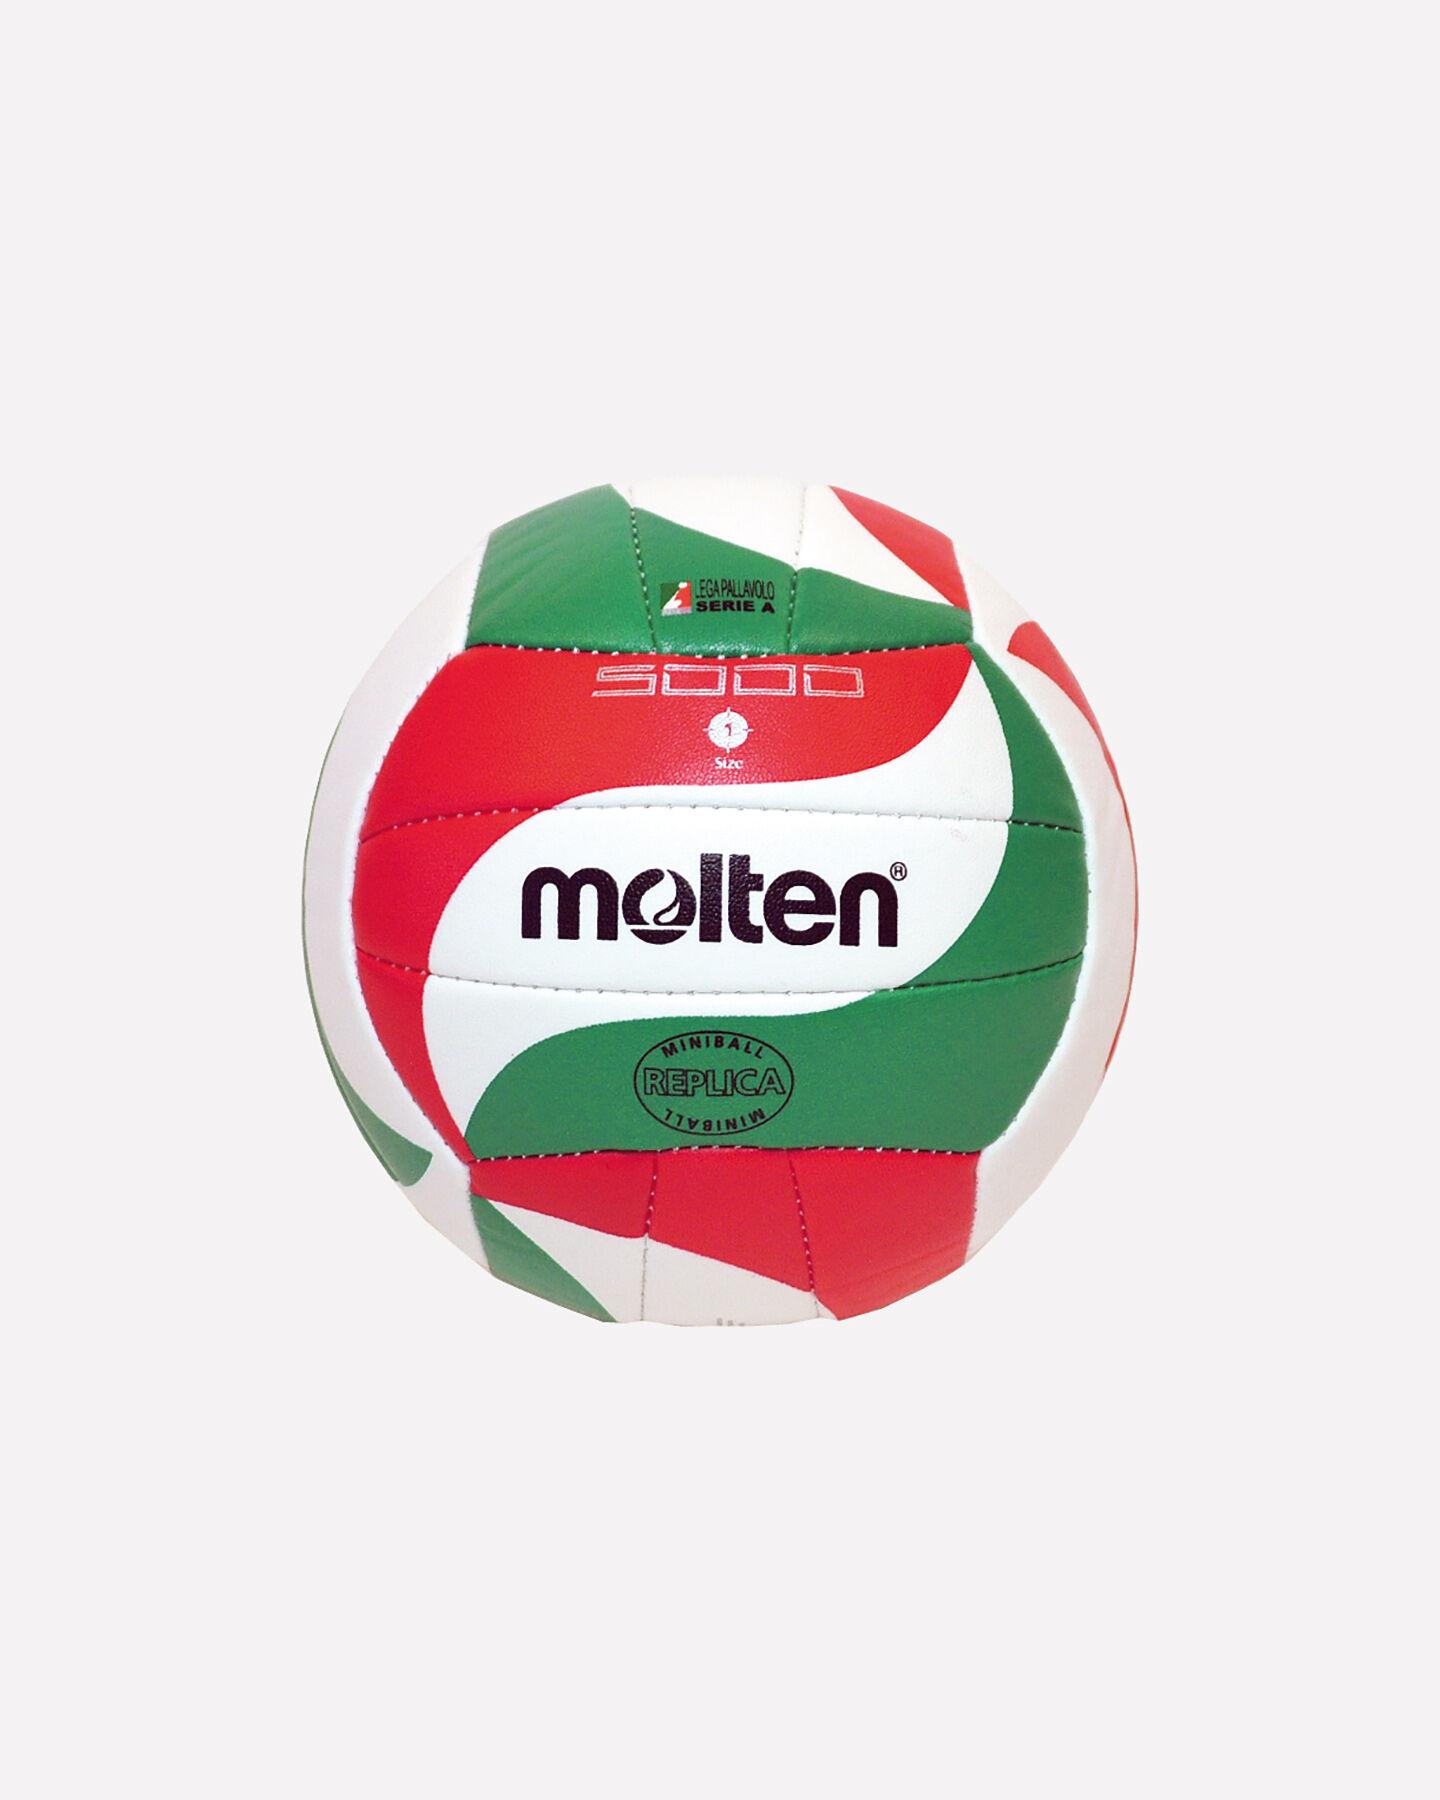 Pallone volley MOLTEN 5000 SOFT TOUCH MIS.1 S0584863|1|UNI scatto 0